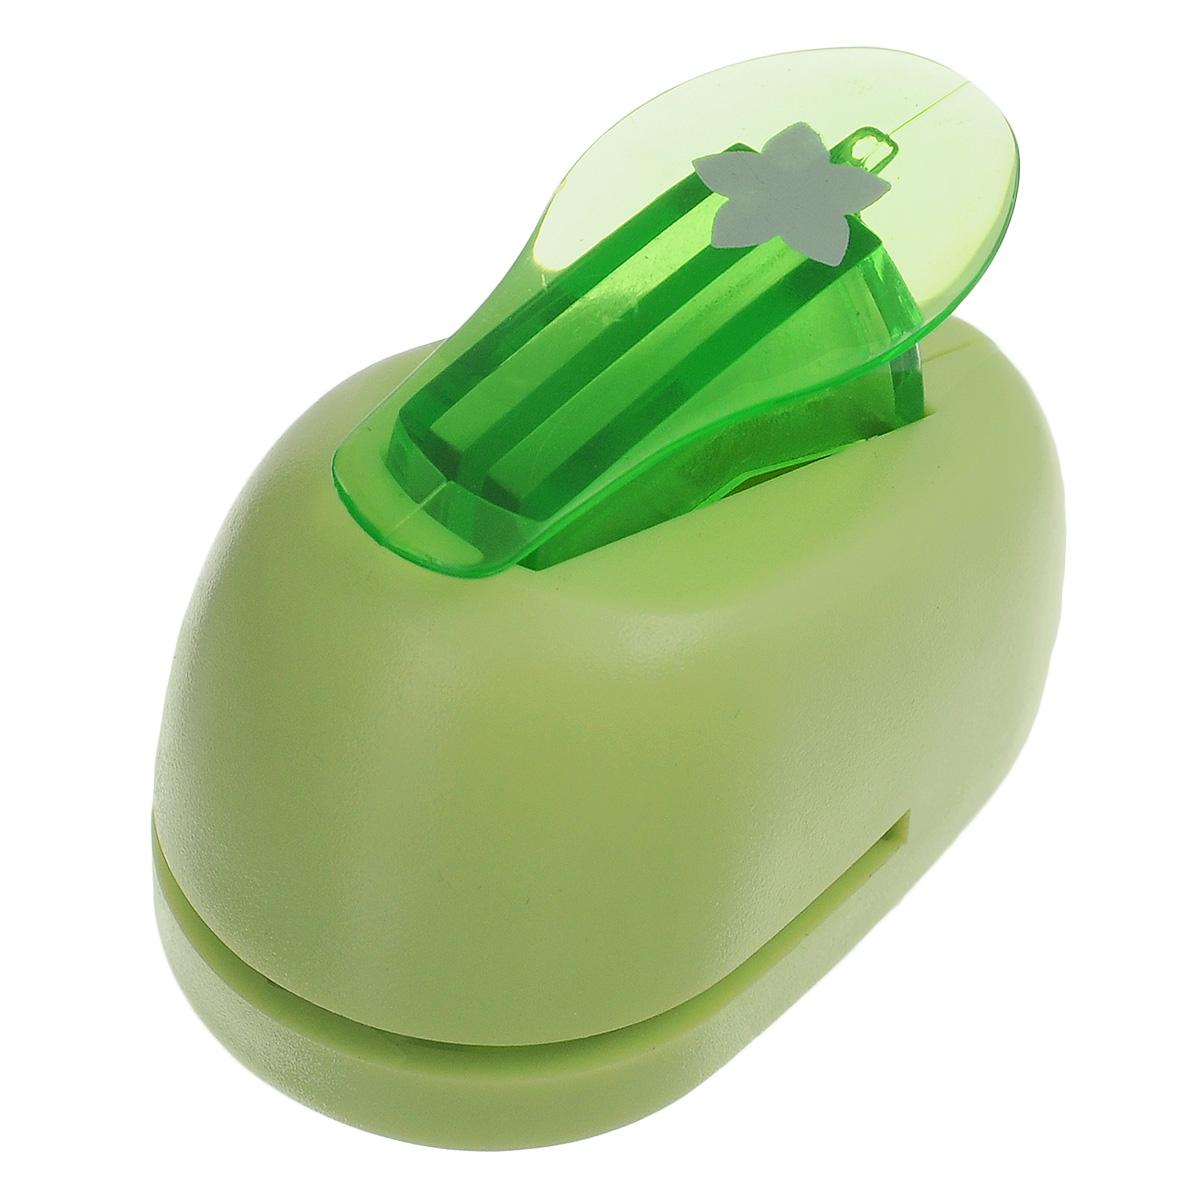 Дырокол фигурный Hobbyboom Цветок, №97, цвет: зеленый, 1 смCD-99XS-097 зеленыйФигурный дырокол Hobbyboom Цветок, выполненный из металла и пластика, используется в скрапбукинге, для украшения открыток, карточек, коробочек и так далее. Рисунок прорези указан на ручке дырокола. Предназначен для прорезания фигурных отверстий в бумаге. Вырезанный элемент также можно использовать для украшения. Для работ используйте бумагу плотностью 80-200 г/м2. Размер дырокола: 5 см х 3 см х 4 см. Размер готовой фигурки: 1 см.